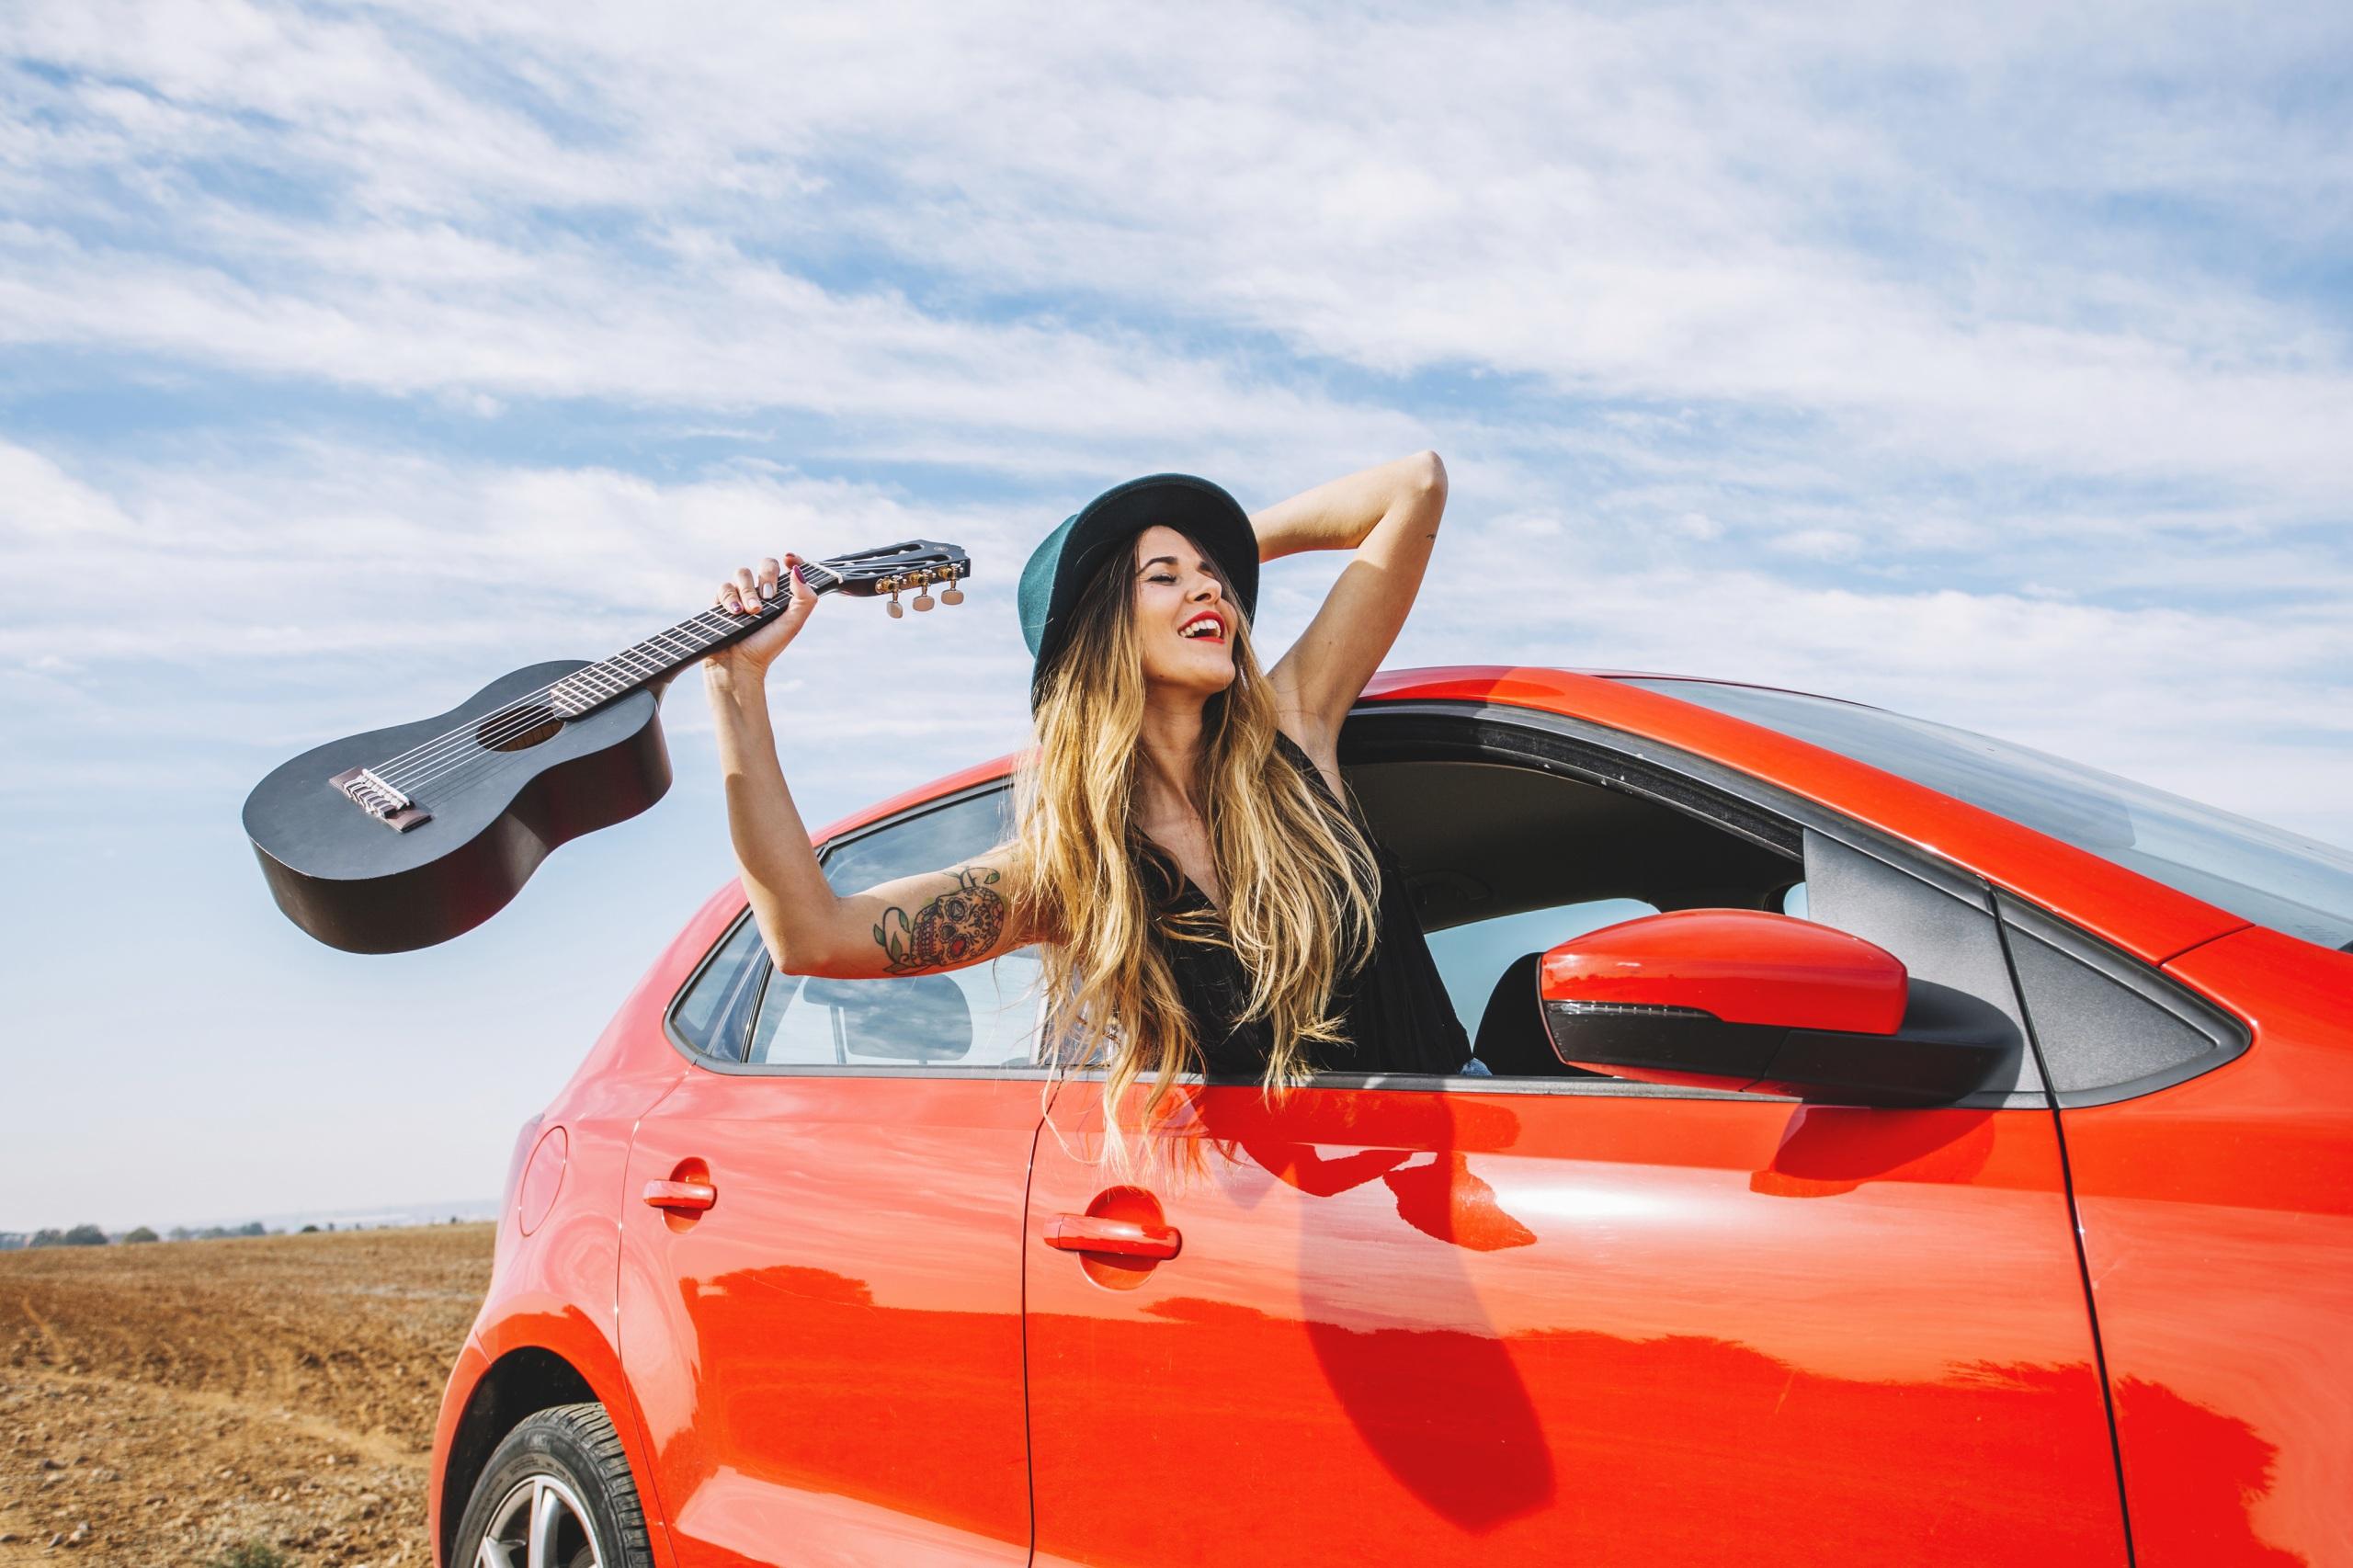 Фотографии Блондинка Гитара радостный шляпе Девушки рука 2560x1706 блондинок блондинки гитары с гитарой счастье Радость радостная счастливая счастливый счастливые Шляпа шляпы девушка молодые женщины молодая женщина Руки